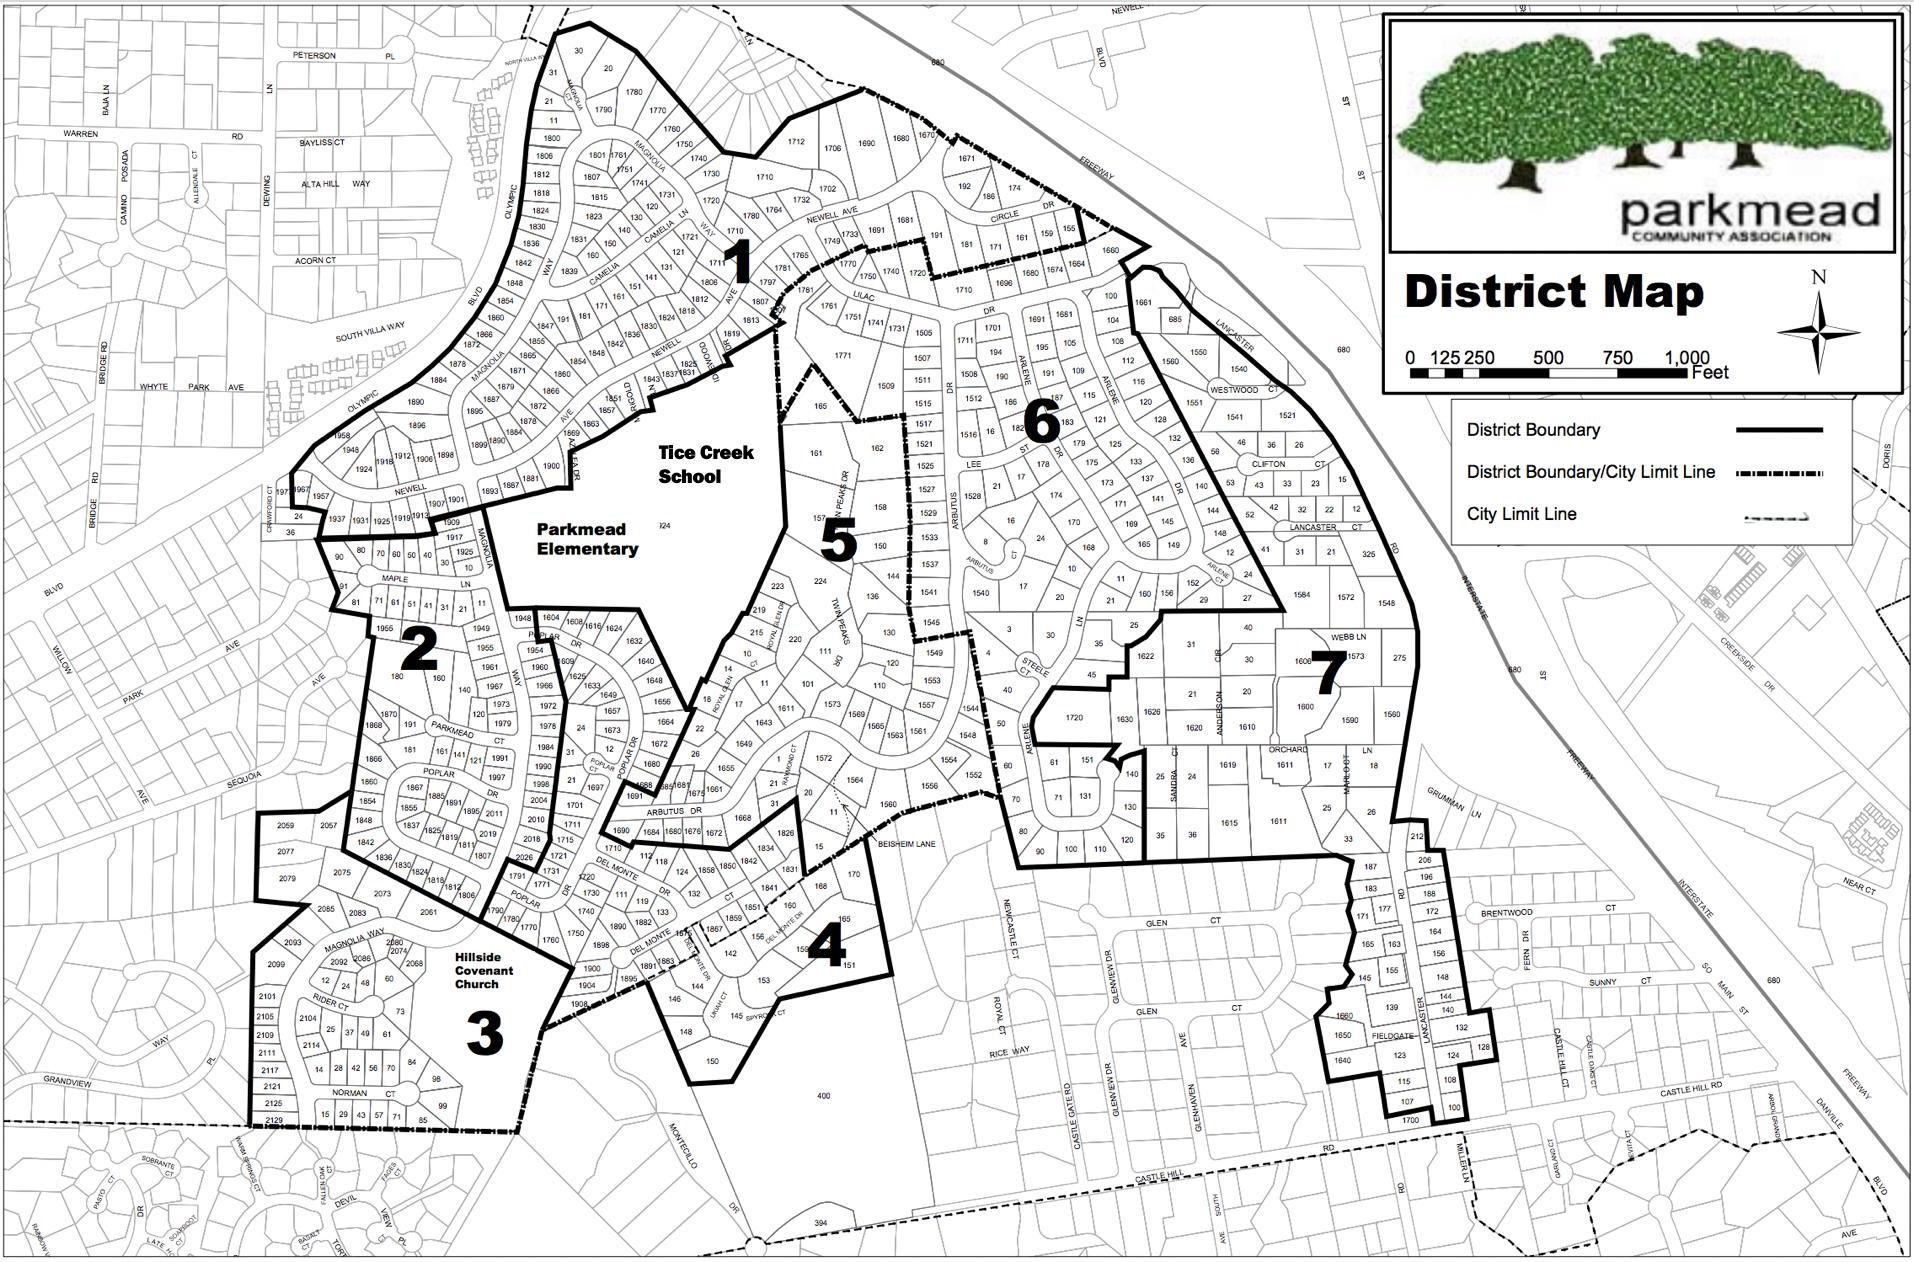 Parkmead map image.png